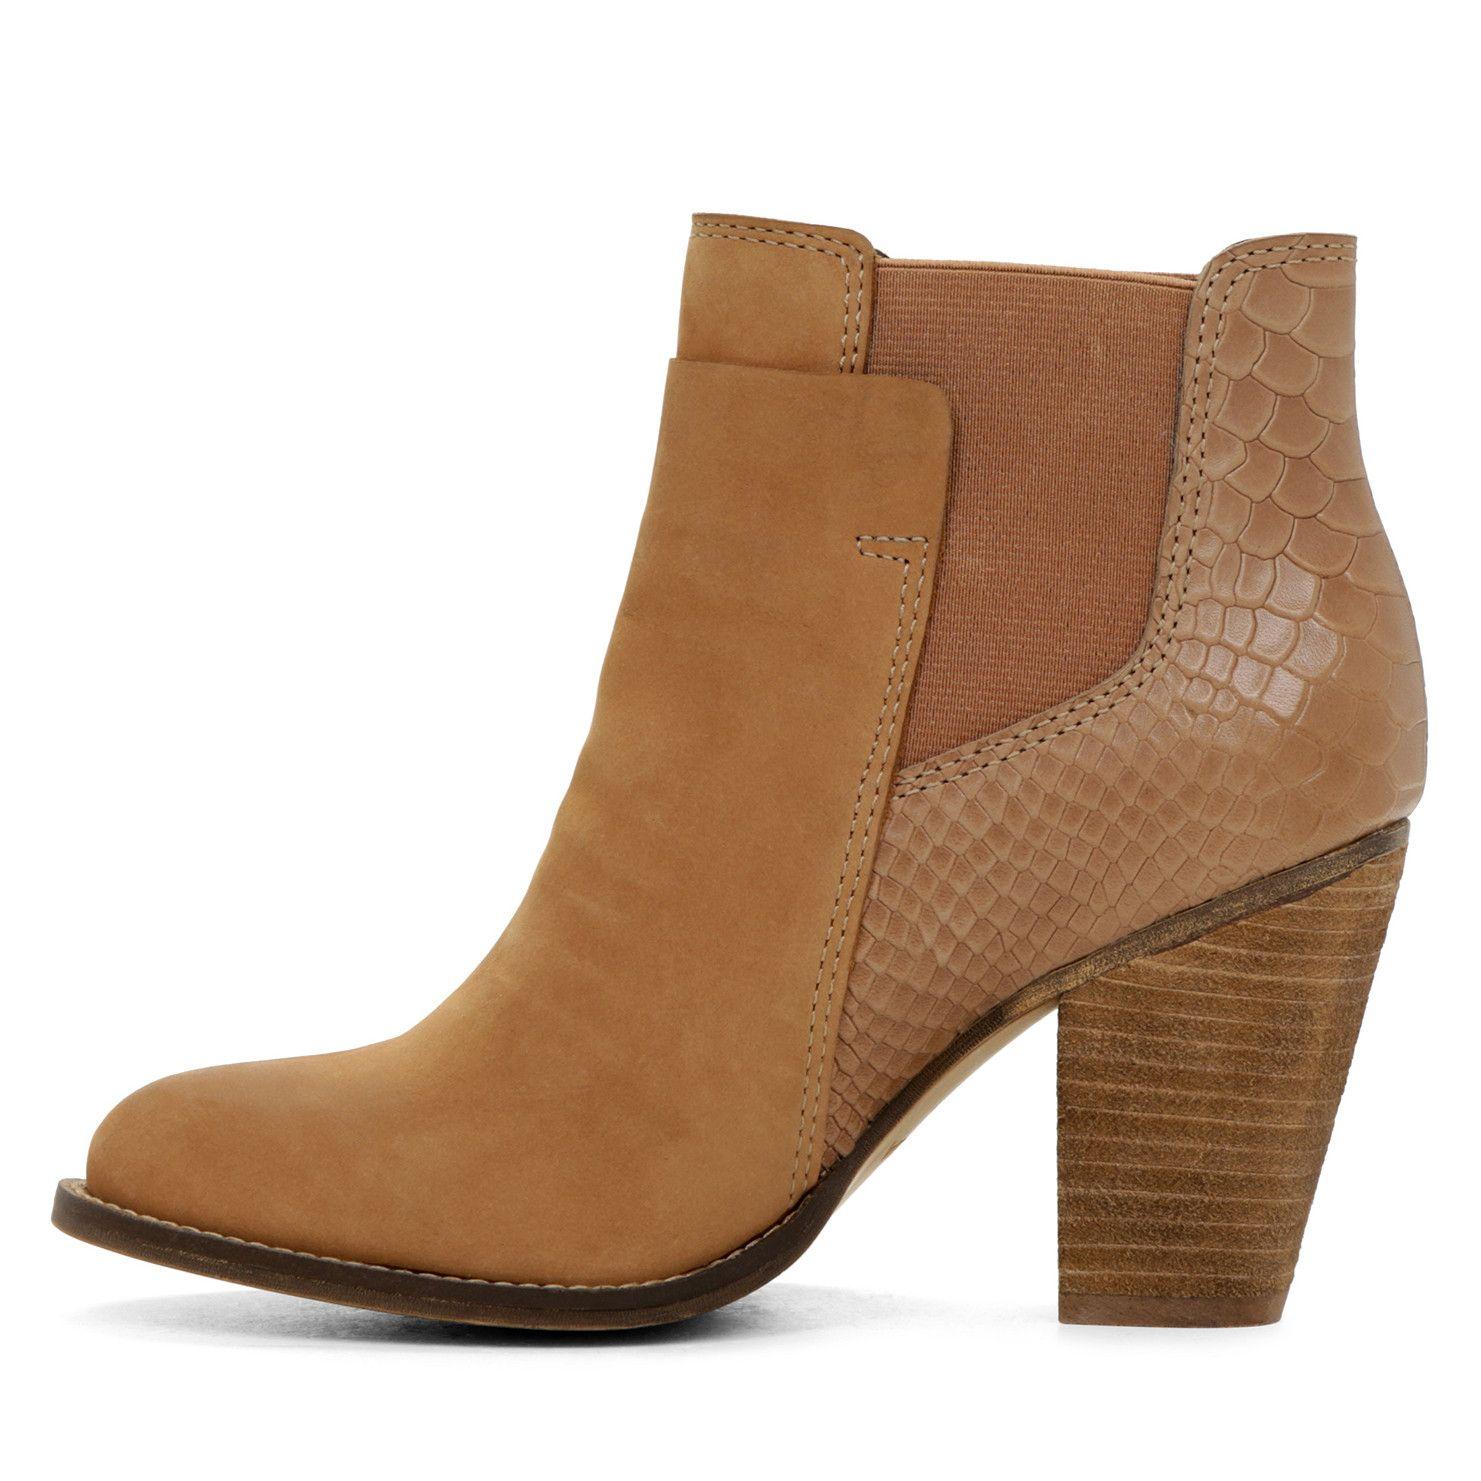 aldo shoes women s booties